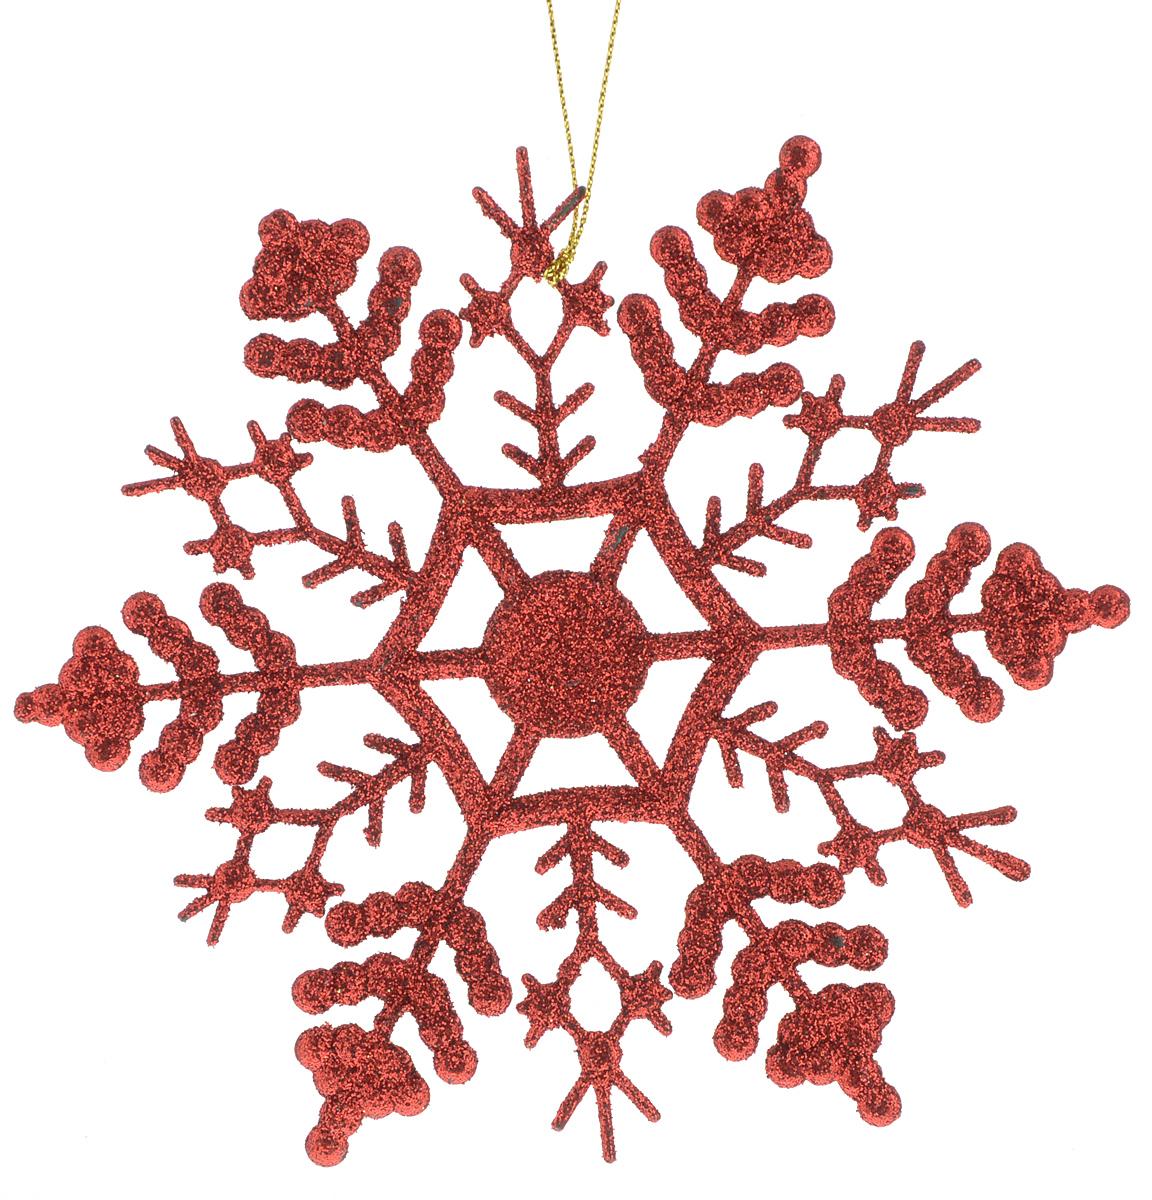 Украшение новогоднее подвесное Magic Time Снежинка-паутинка красная, 16,5 х 16,5 см38728/75097Новогоднее подвесное украшение Magic Time Снежинка-паутинка красная выполнено из полипропилена в виде снежинки и украшено блестками. С помощью специальной петельки украшение можно повесить в любом понравившемся вам месте. Но, конечно, удачнее всего оно будет смотреться на праздничной елке.Елочная игрушка - символ Нового года. Она несет в себе волшебство и красоту праздника. Создайте в своем доме атмосферу веселья и радости, украшая новогоднюю елку нарядными игрушками, которые будут из года в год накапливать теплоту воспоминаний.Материал: полипропилен.Размер: 16,5 х 16,5 см.